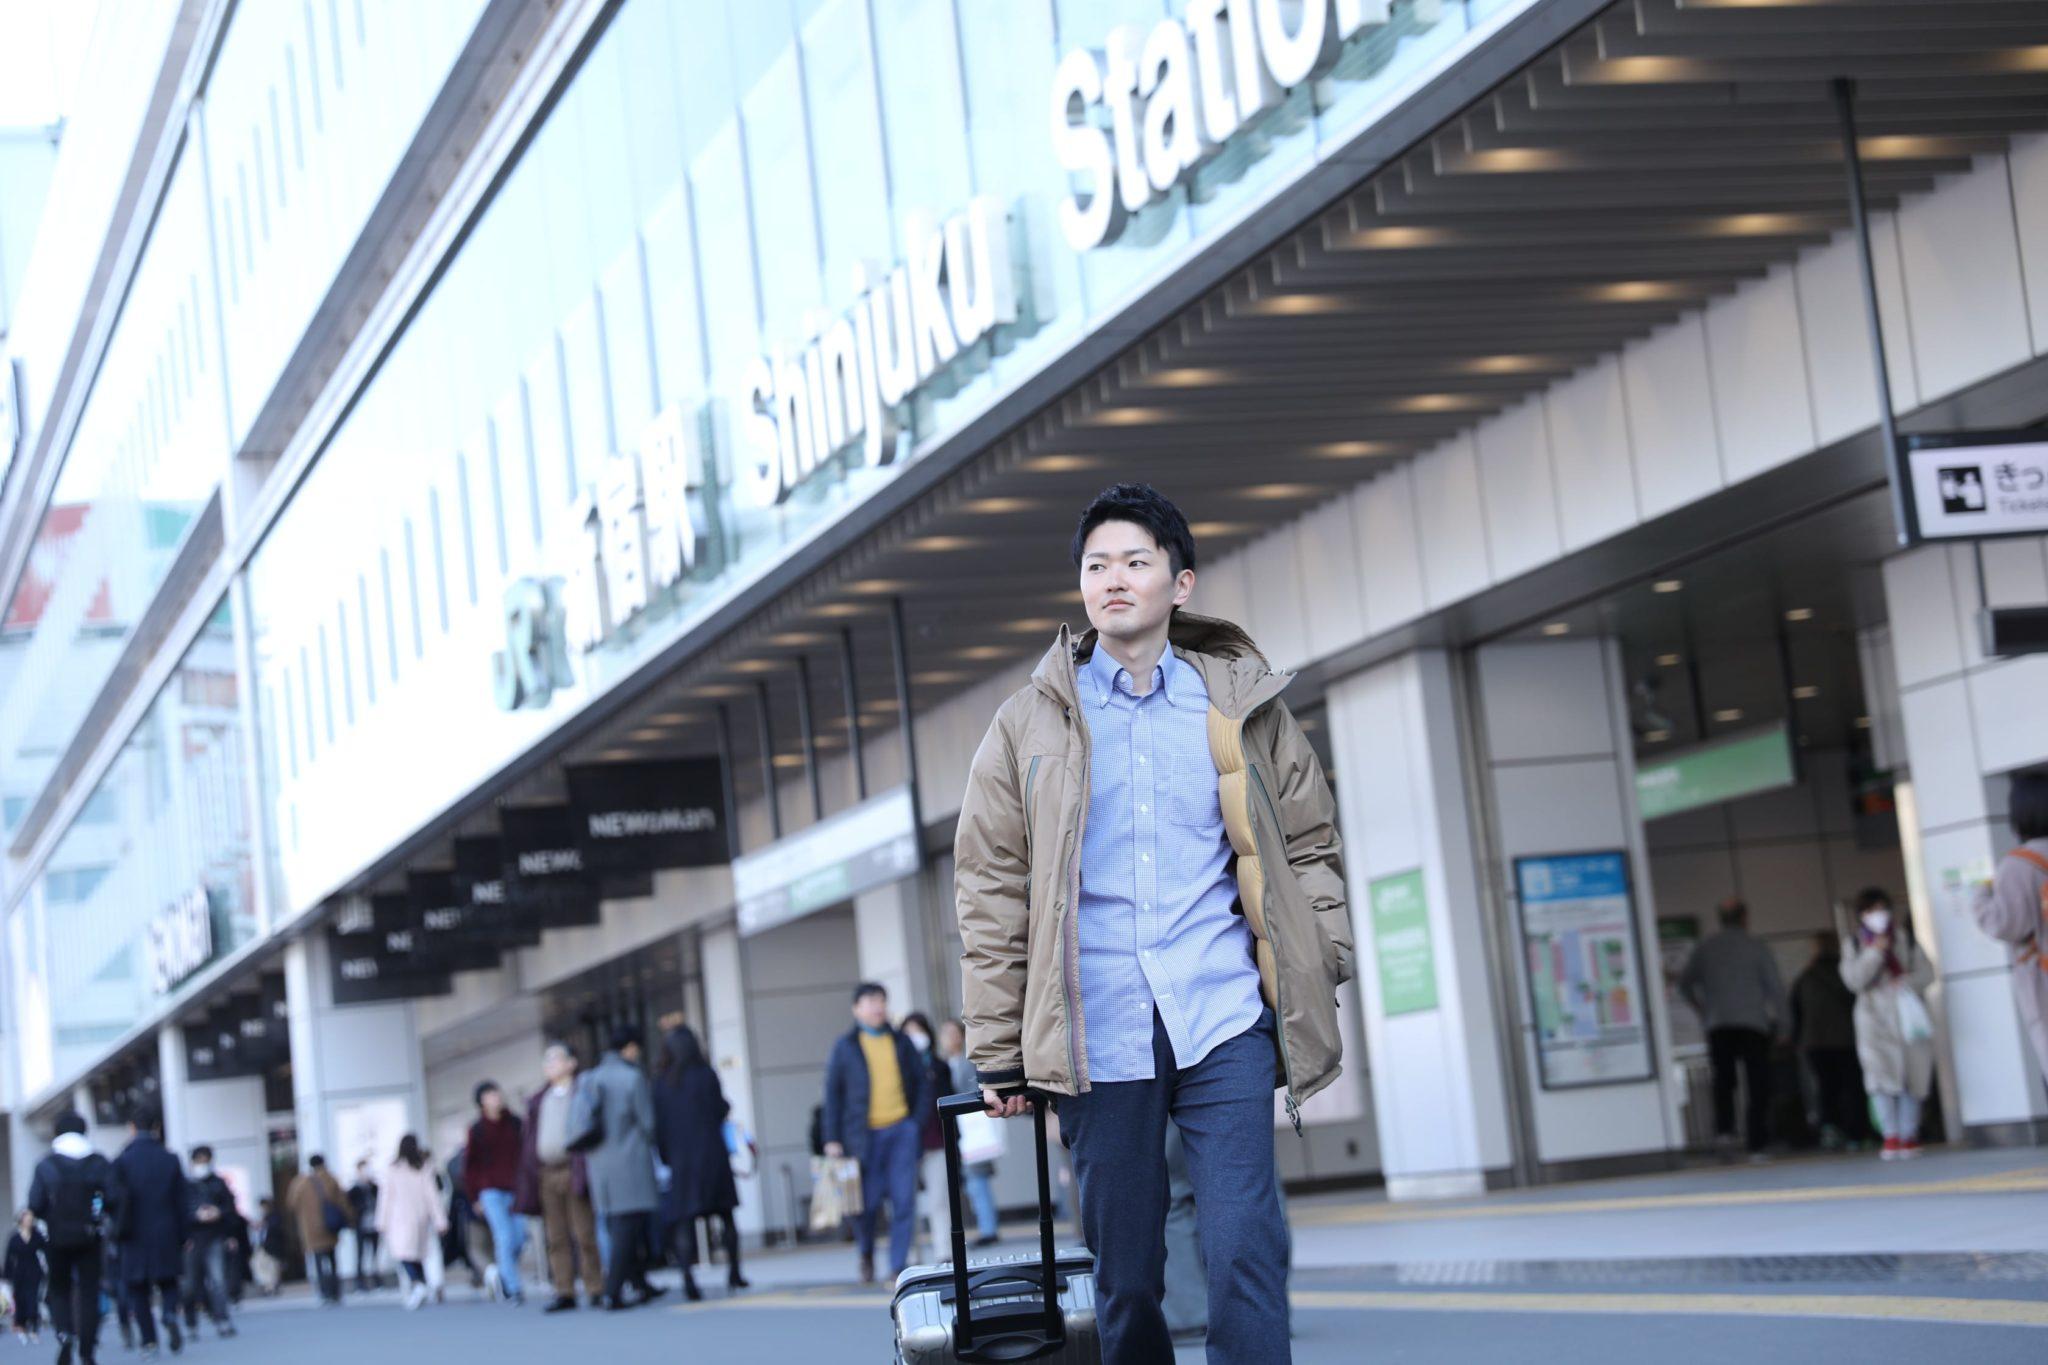 東京就活の交通費はいくら必要?オススメの格安移動手段8選